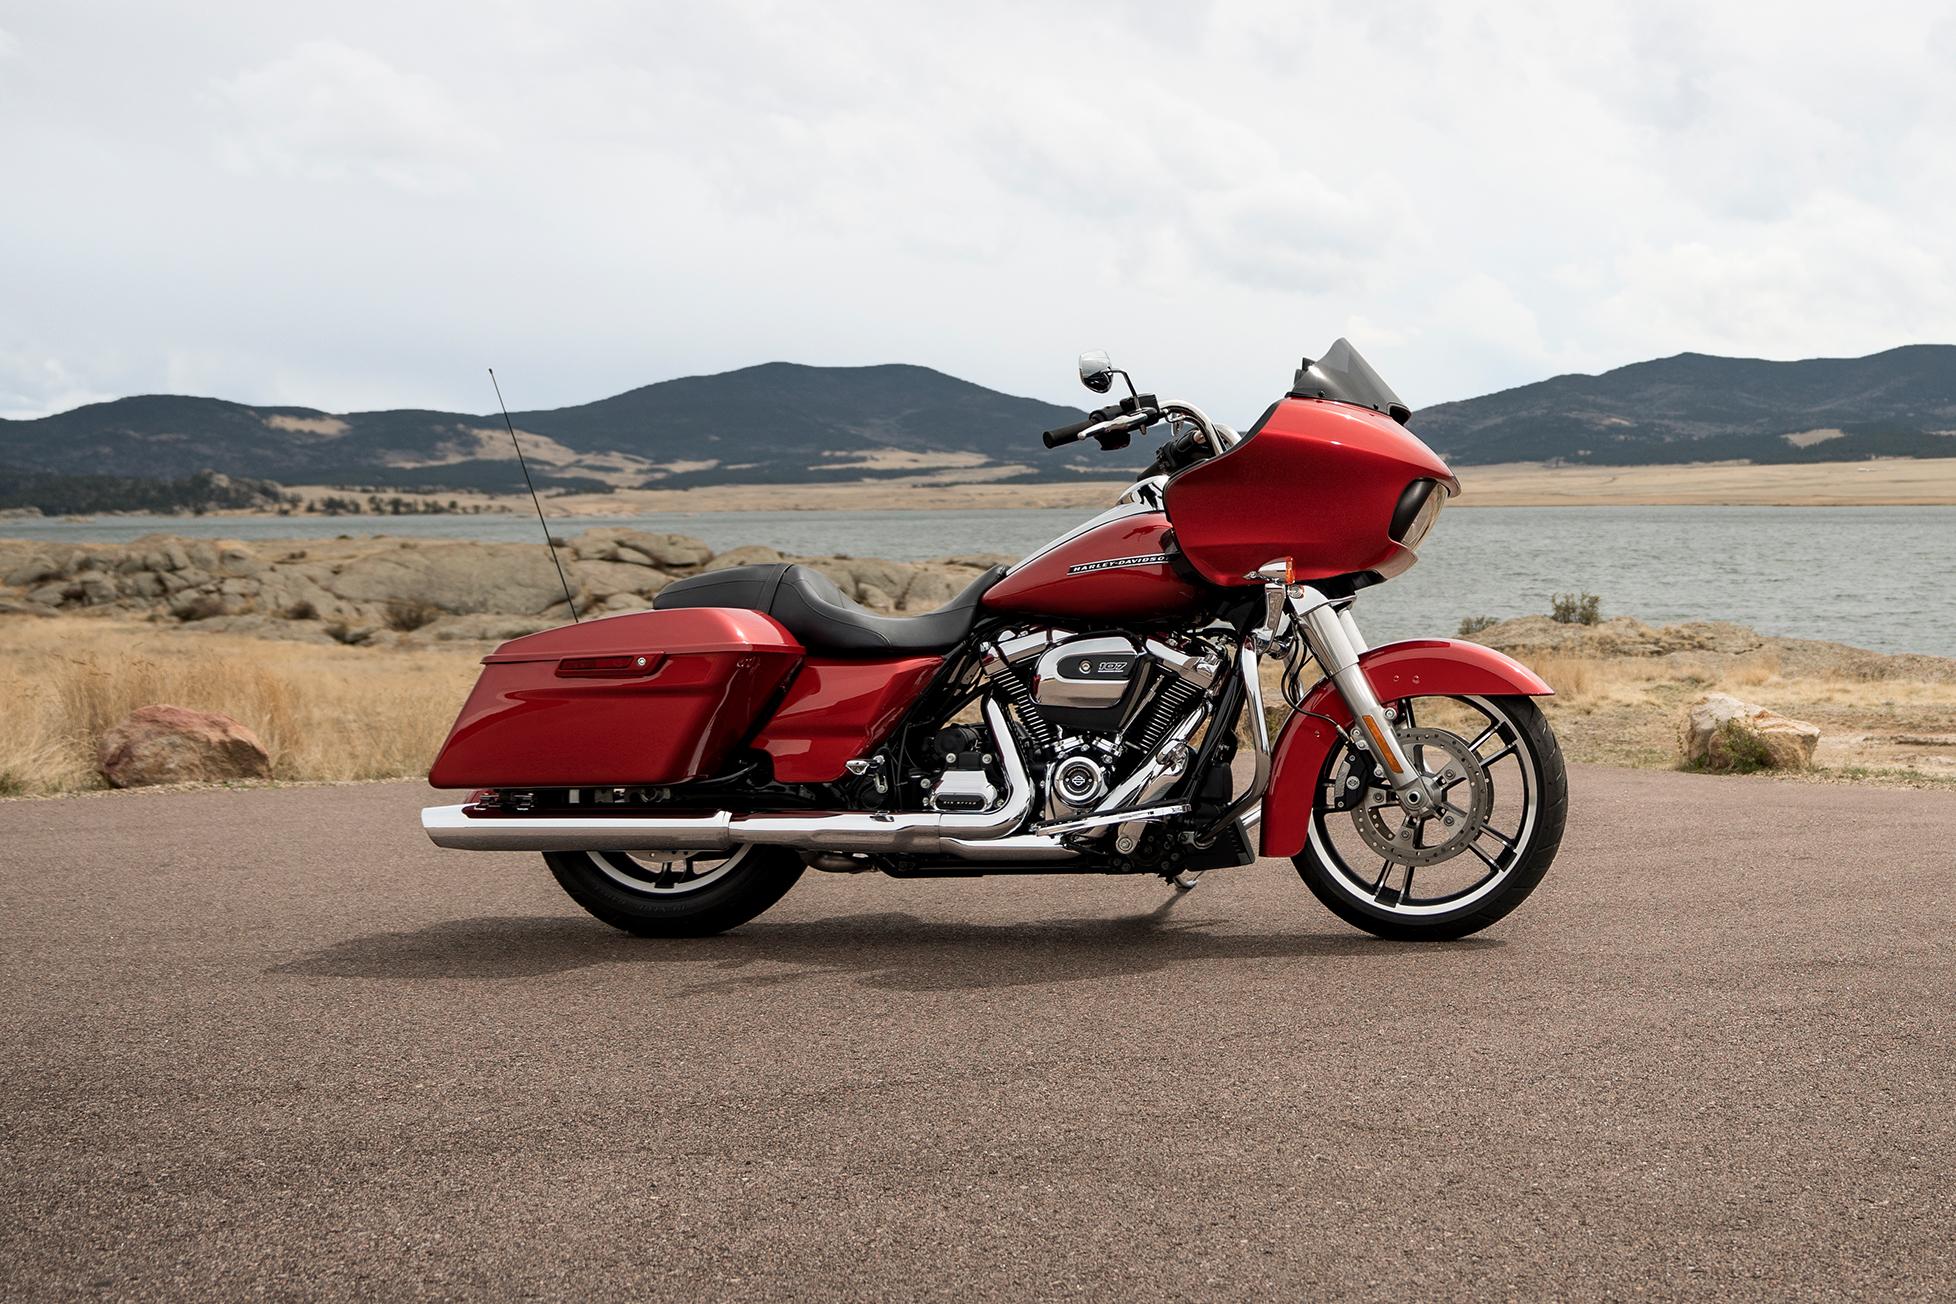 2019 road glide motorcycle harley davidson usa. Black Bedroom Furniture Sets. Home Design Ideas